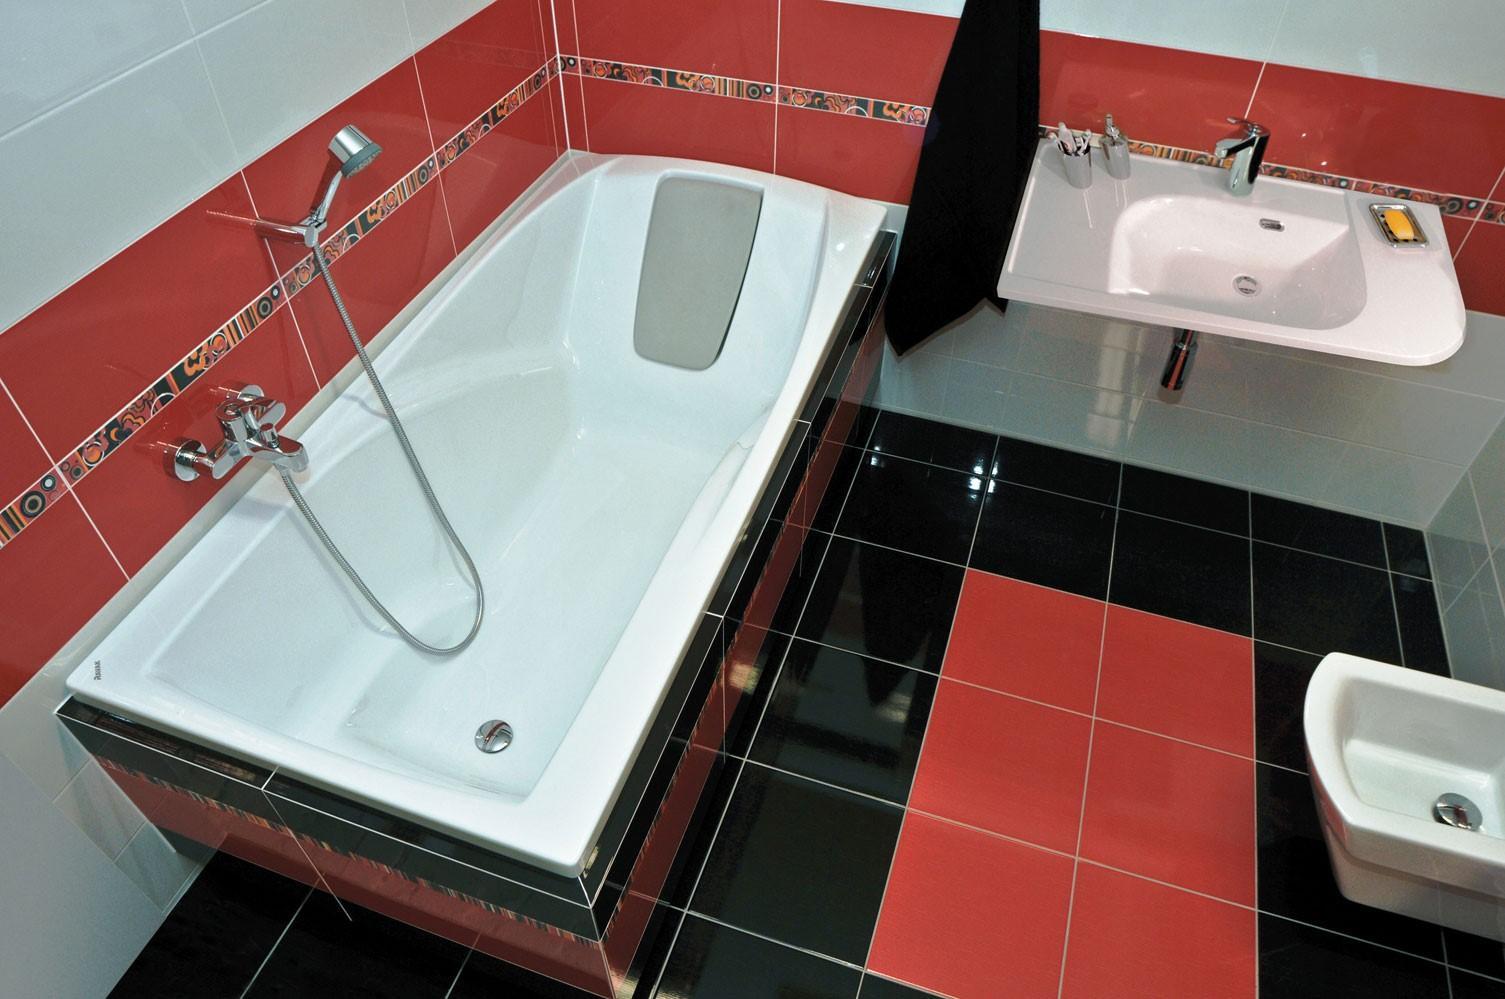 обработка акриловой ванны наждачной бумагой